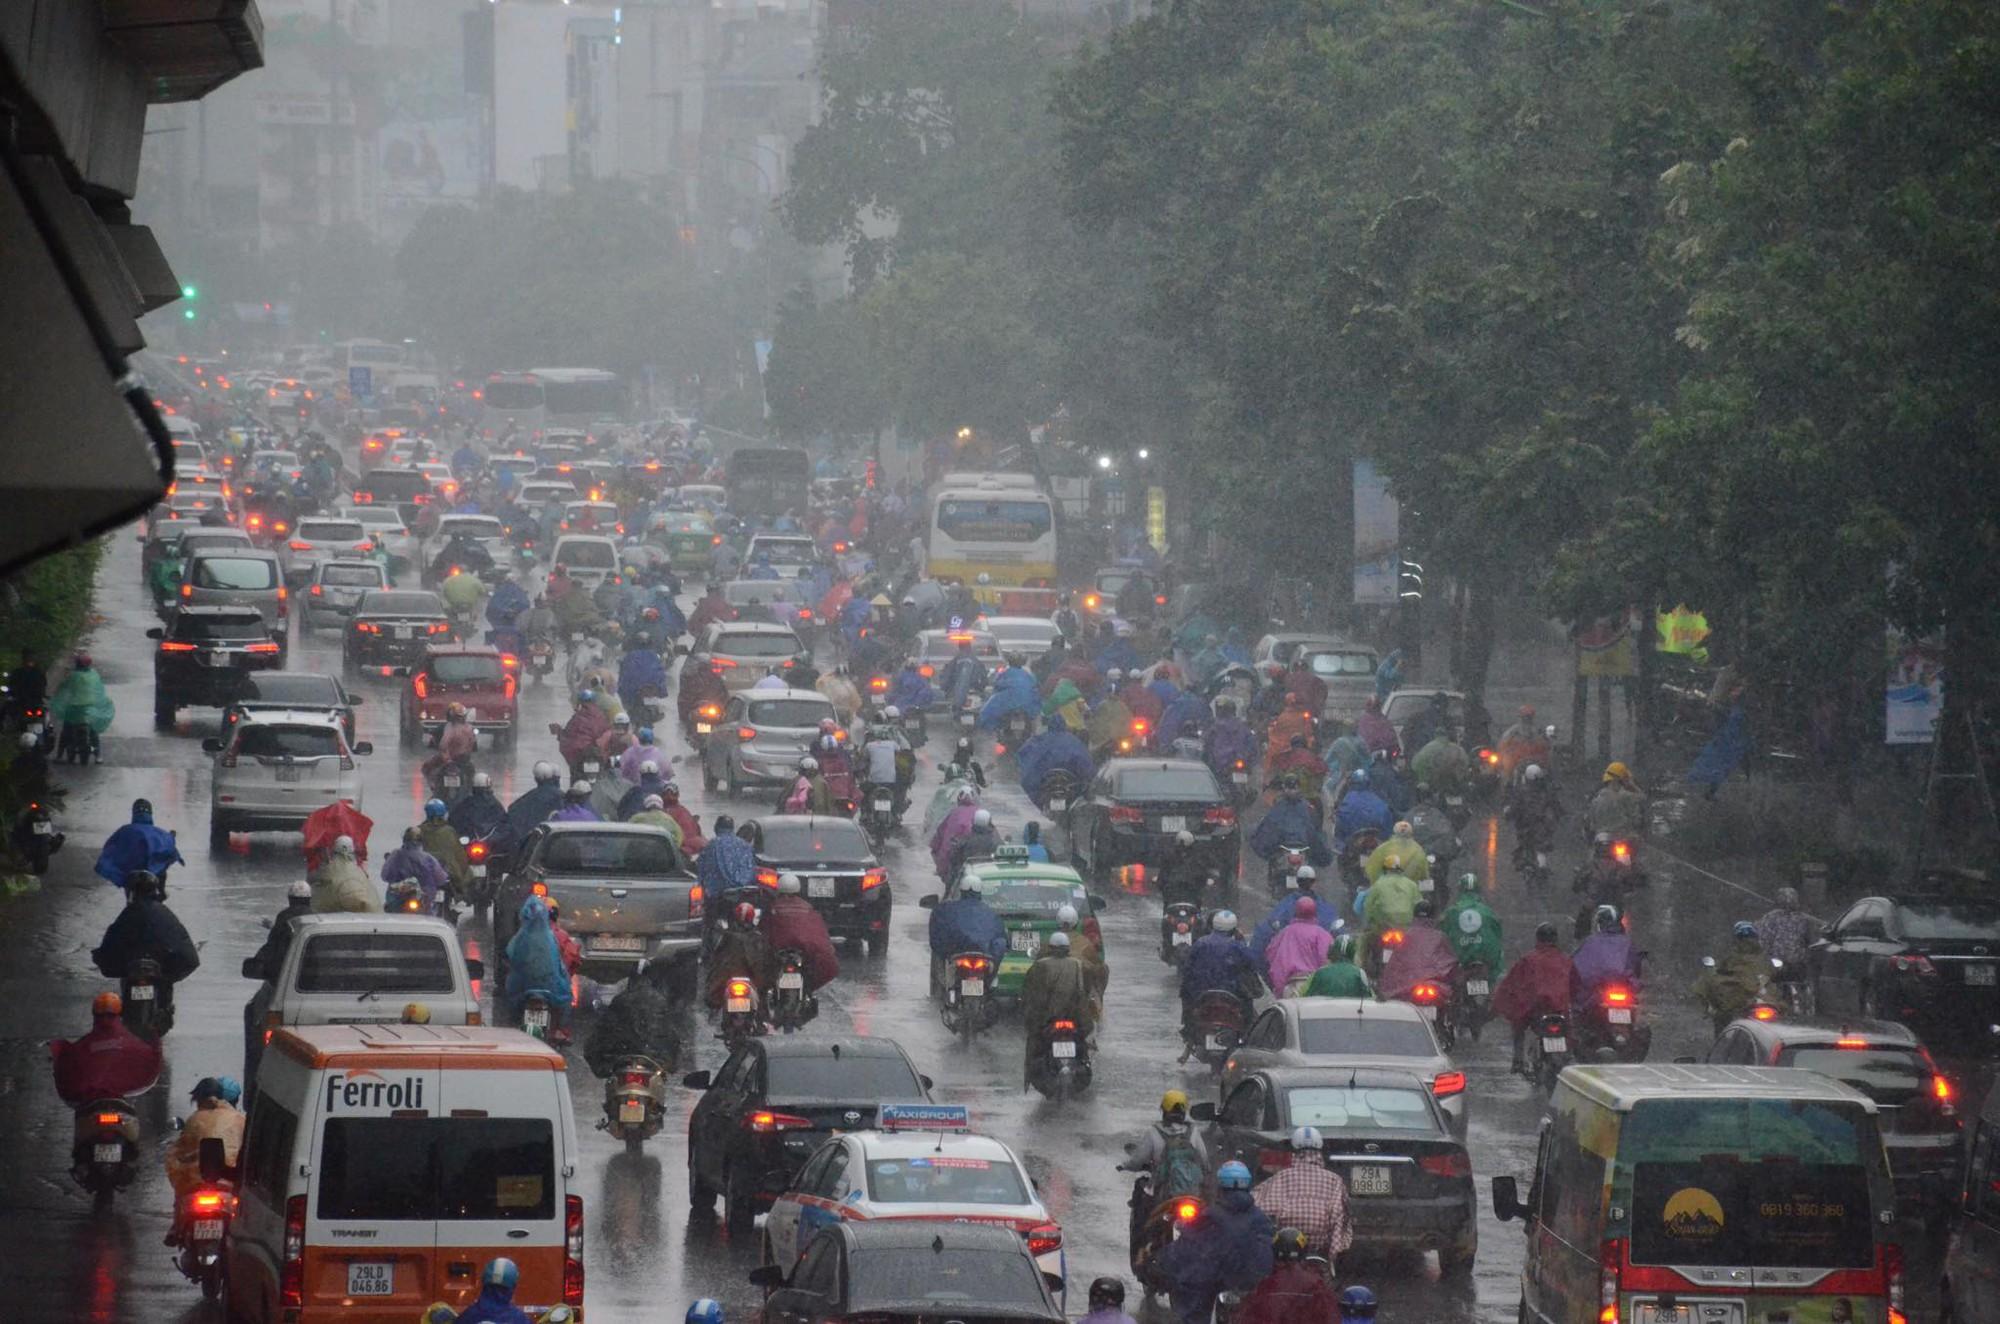 Ảnh hưởng bão số 2 khiến Hà Nội mưa trắng xoá, gió quật nghiêng người-14